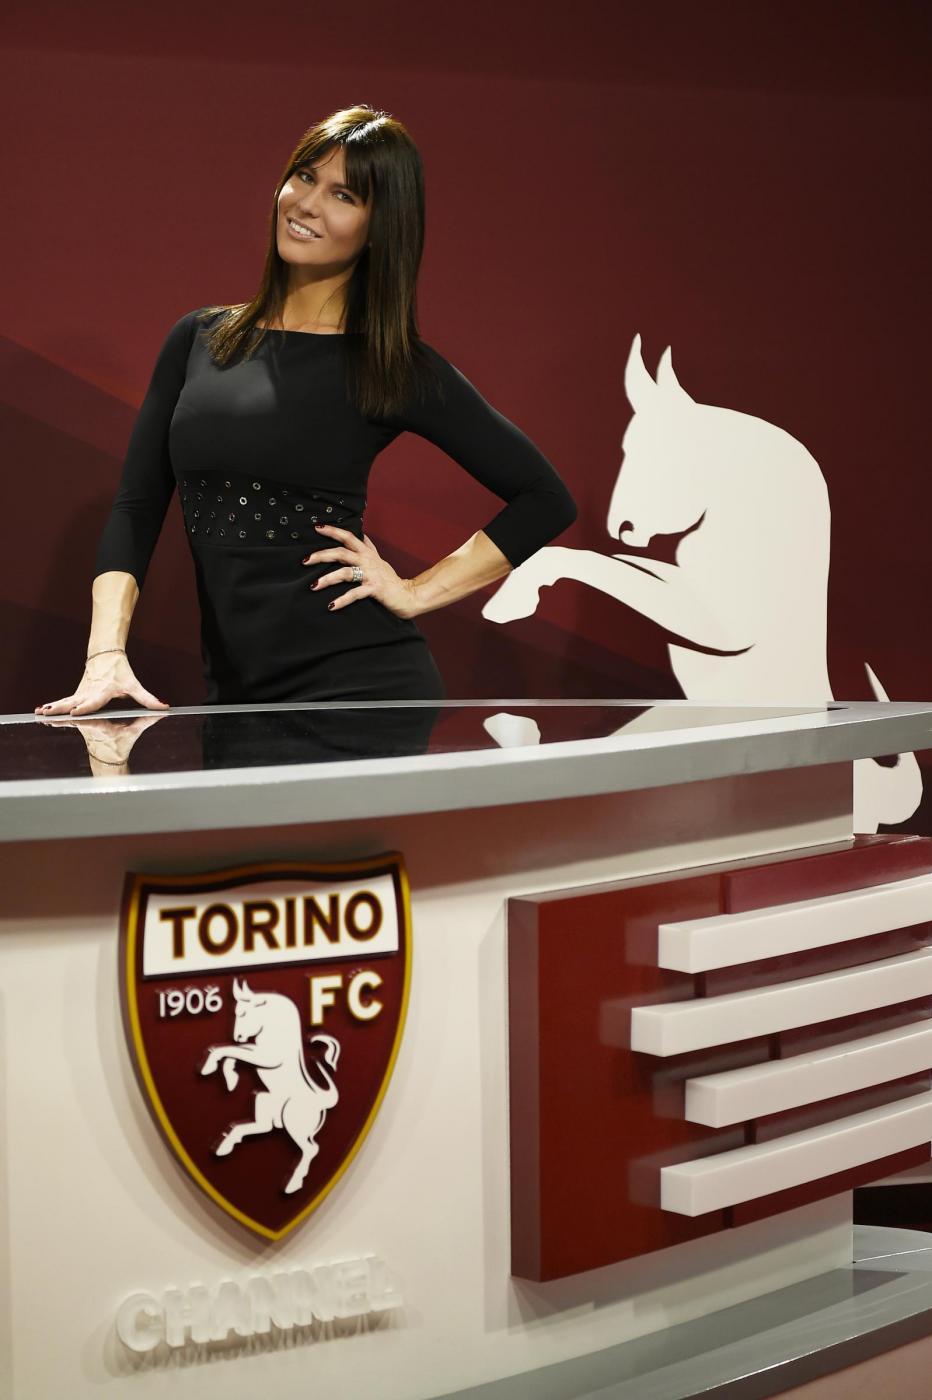 Barbara Pedrotti sarà con Ilenia Arnolfo giornalista e conduttrice di Torino Channel, il nuovo canale tv dedicato al mondo granata.